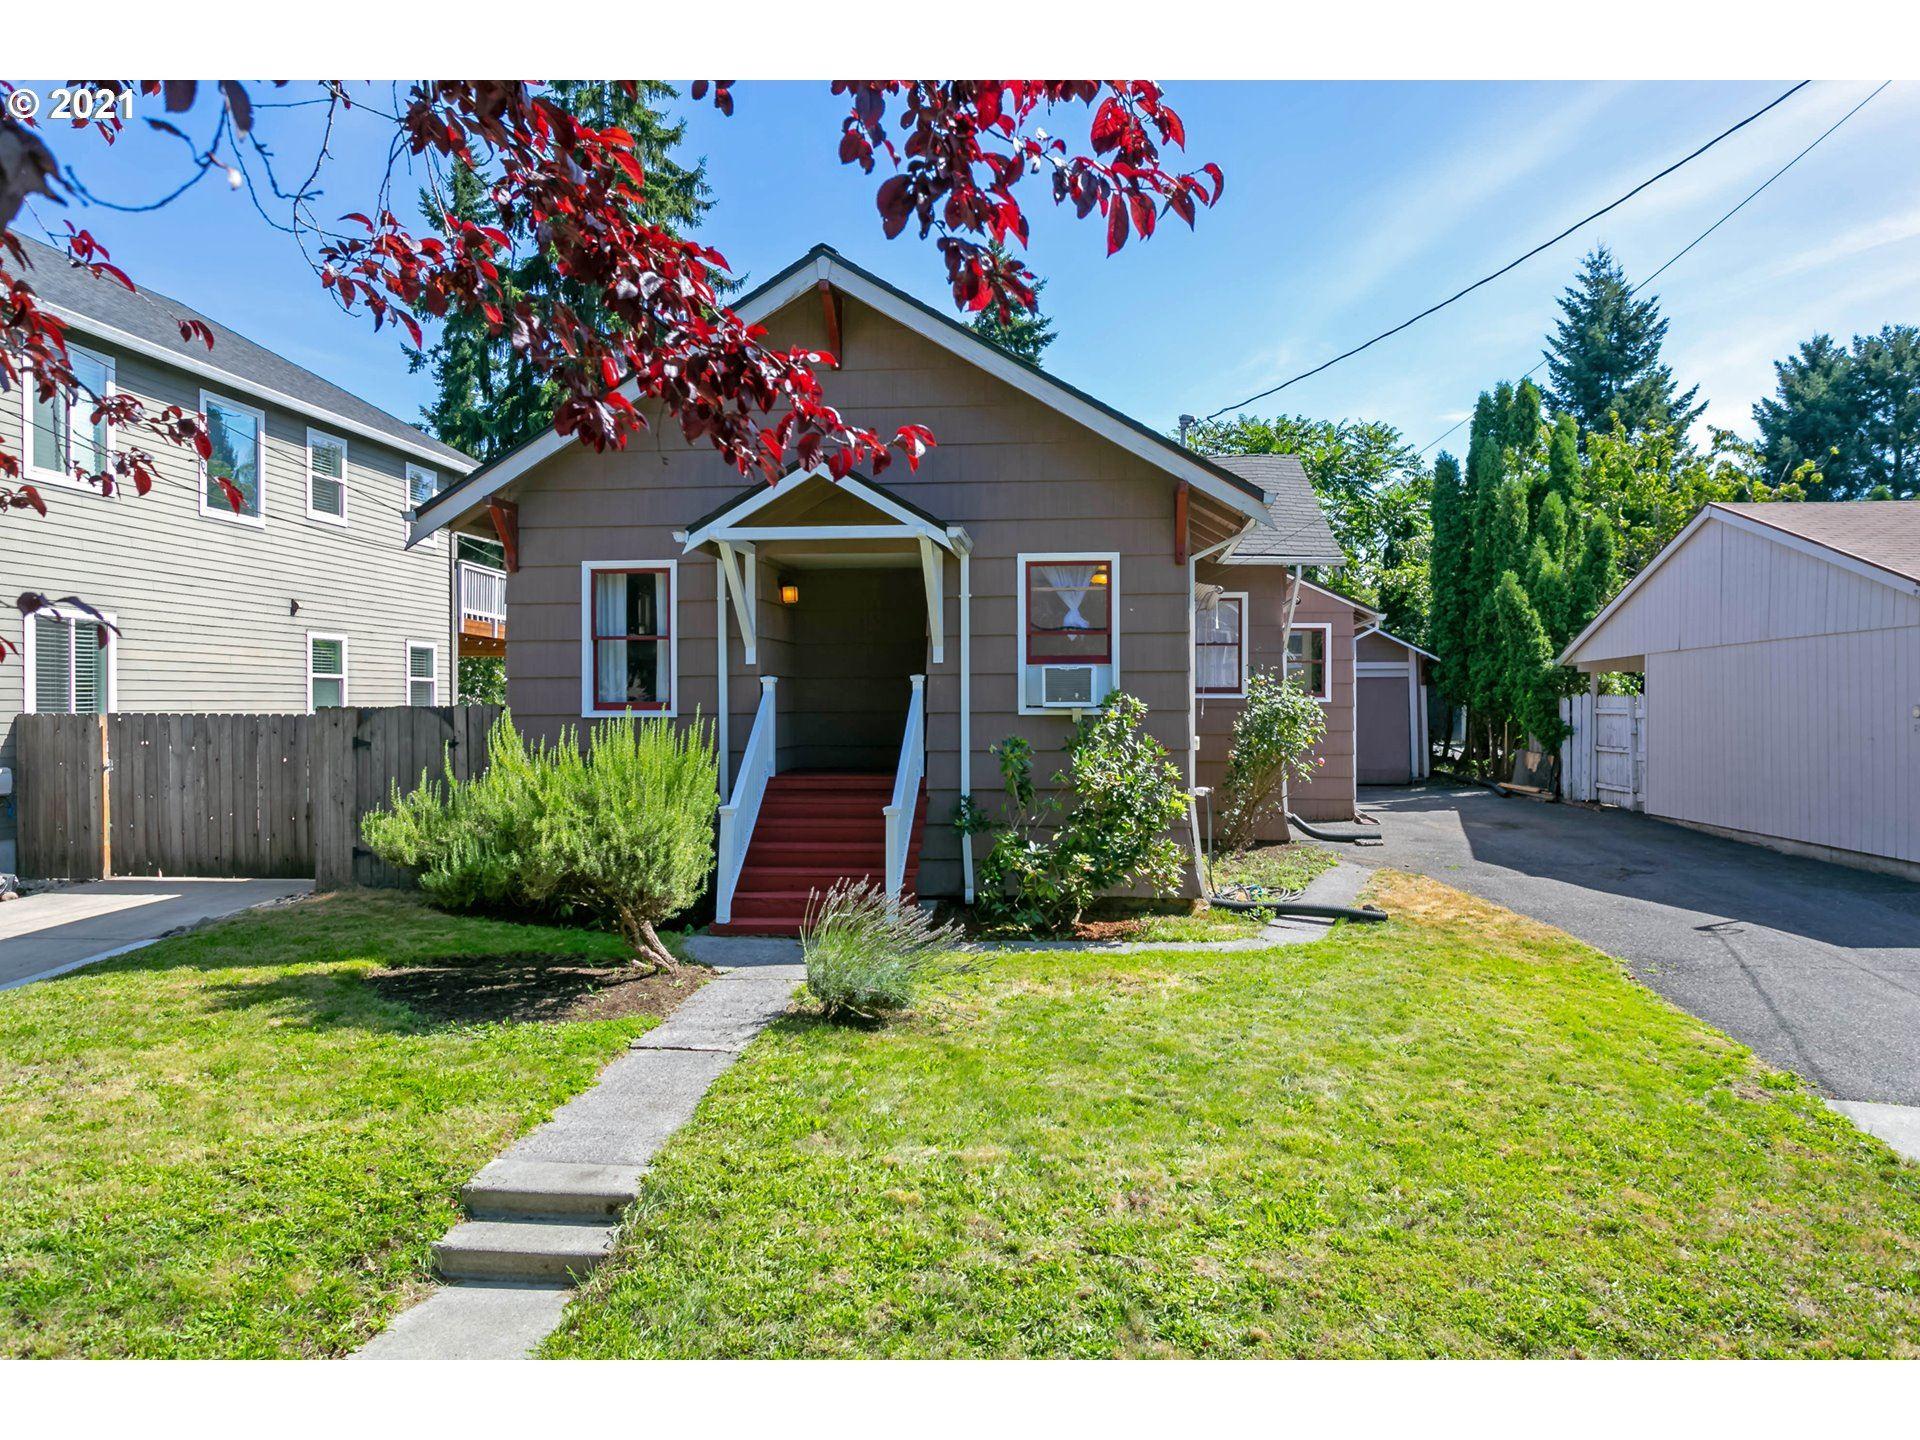 4828 SE OGDEN ST, Portland, OR 97206 - MLS#: 21457489